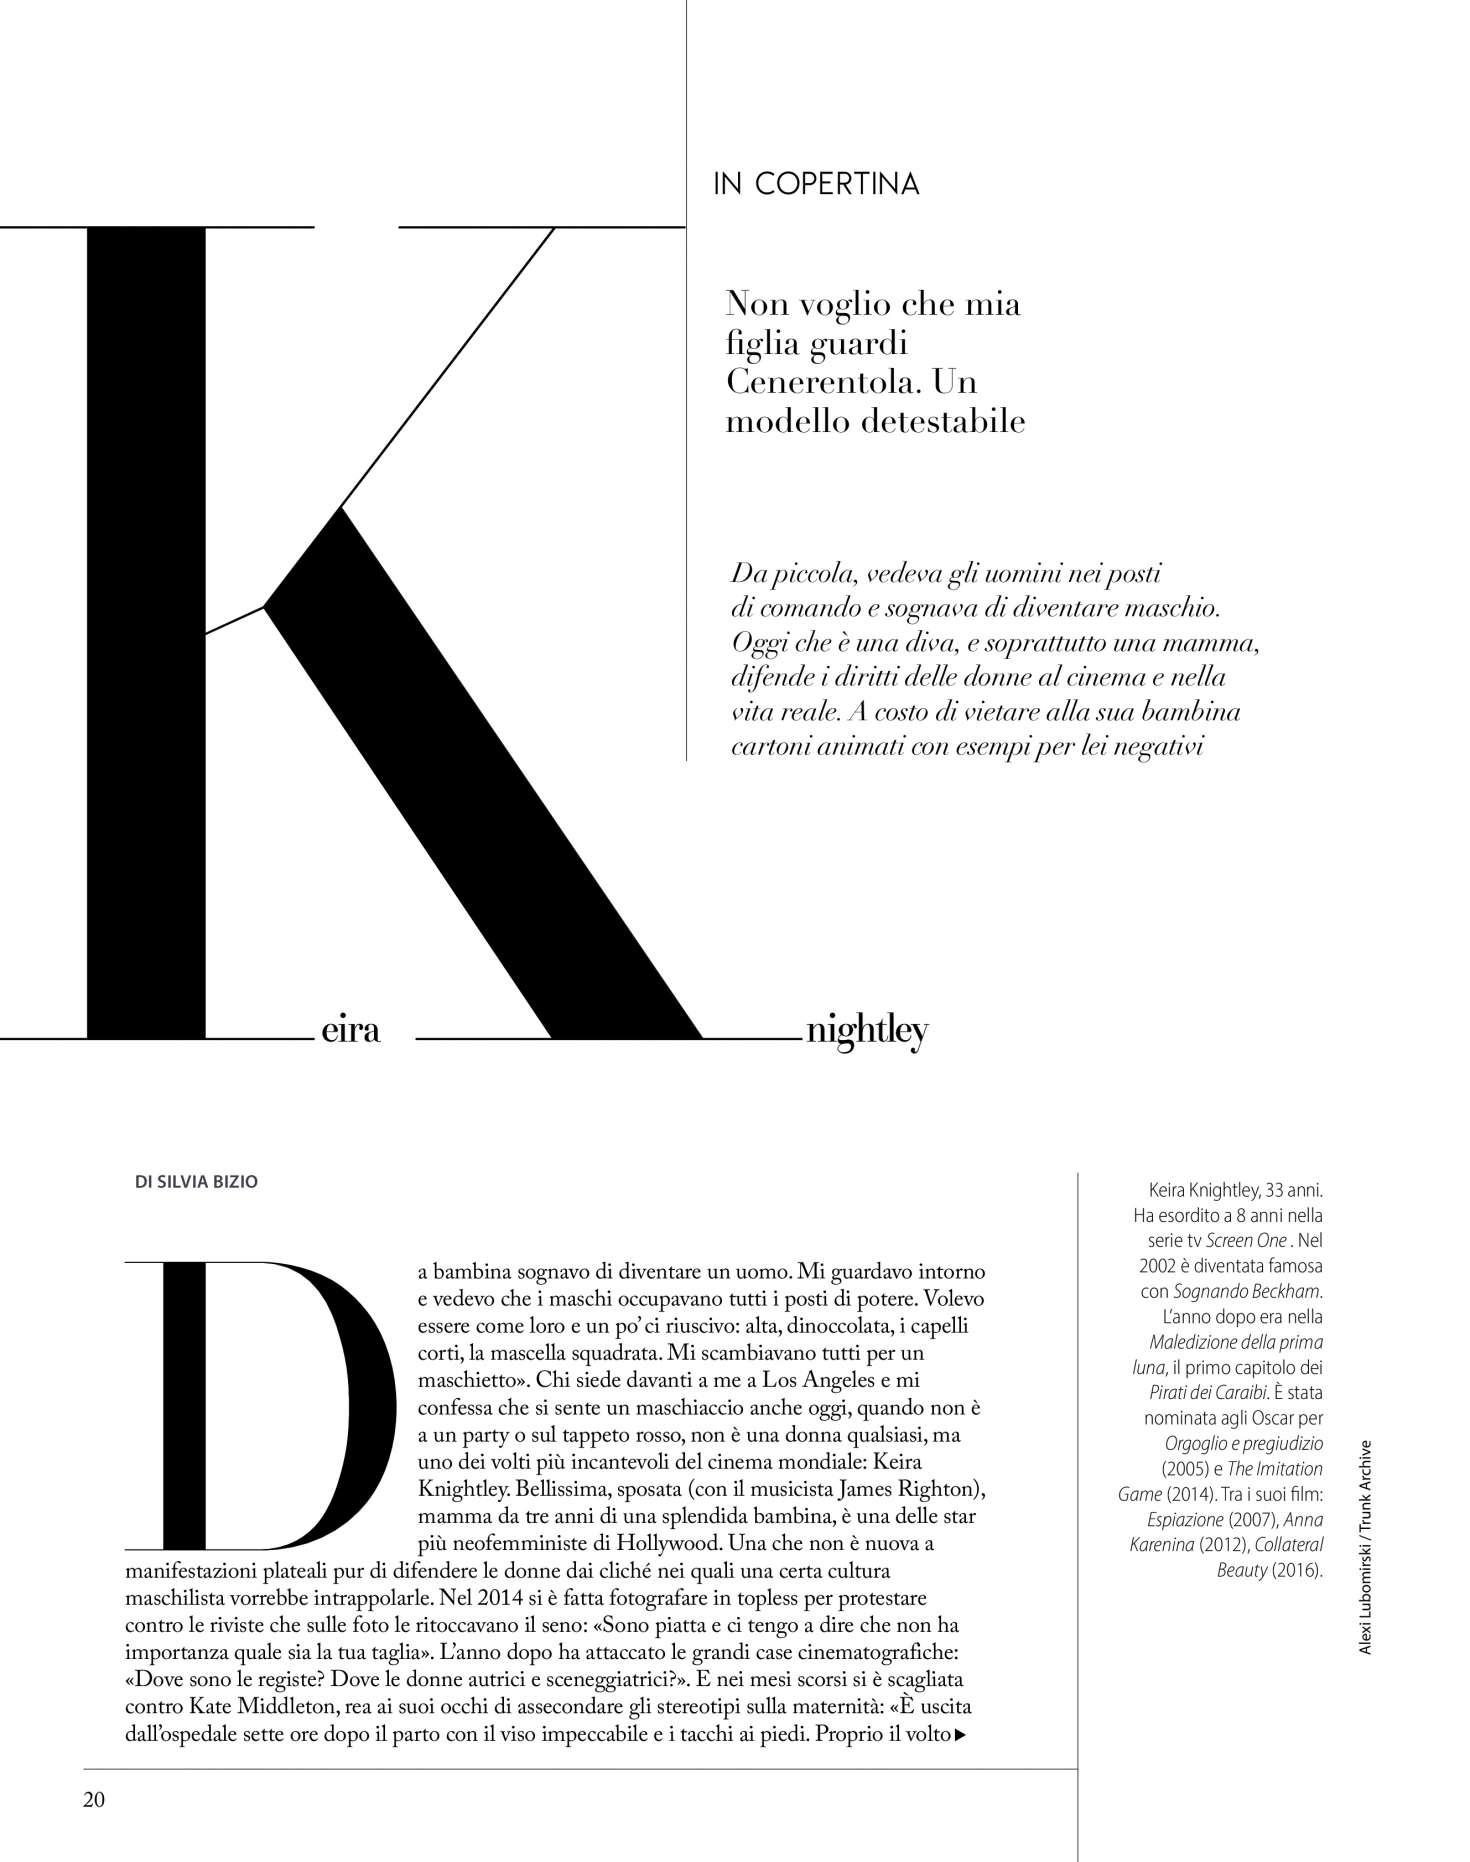 Keira Knightley 2018 : Keira Knightley: F N51 Magazine 2018 -01